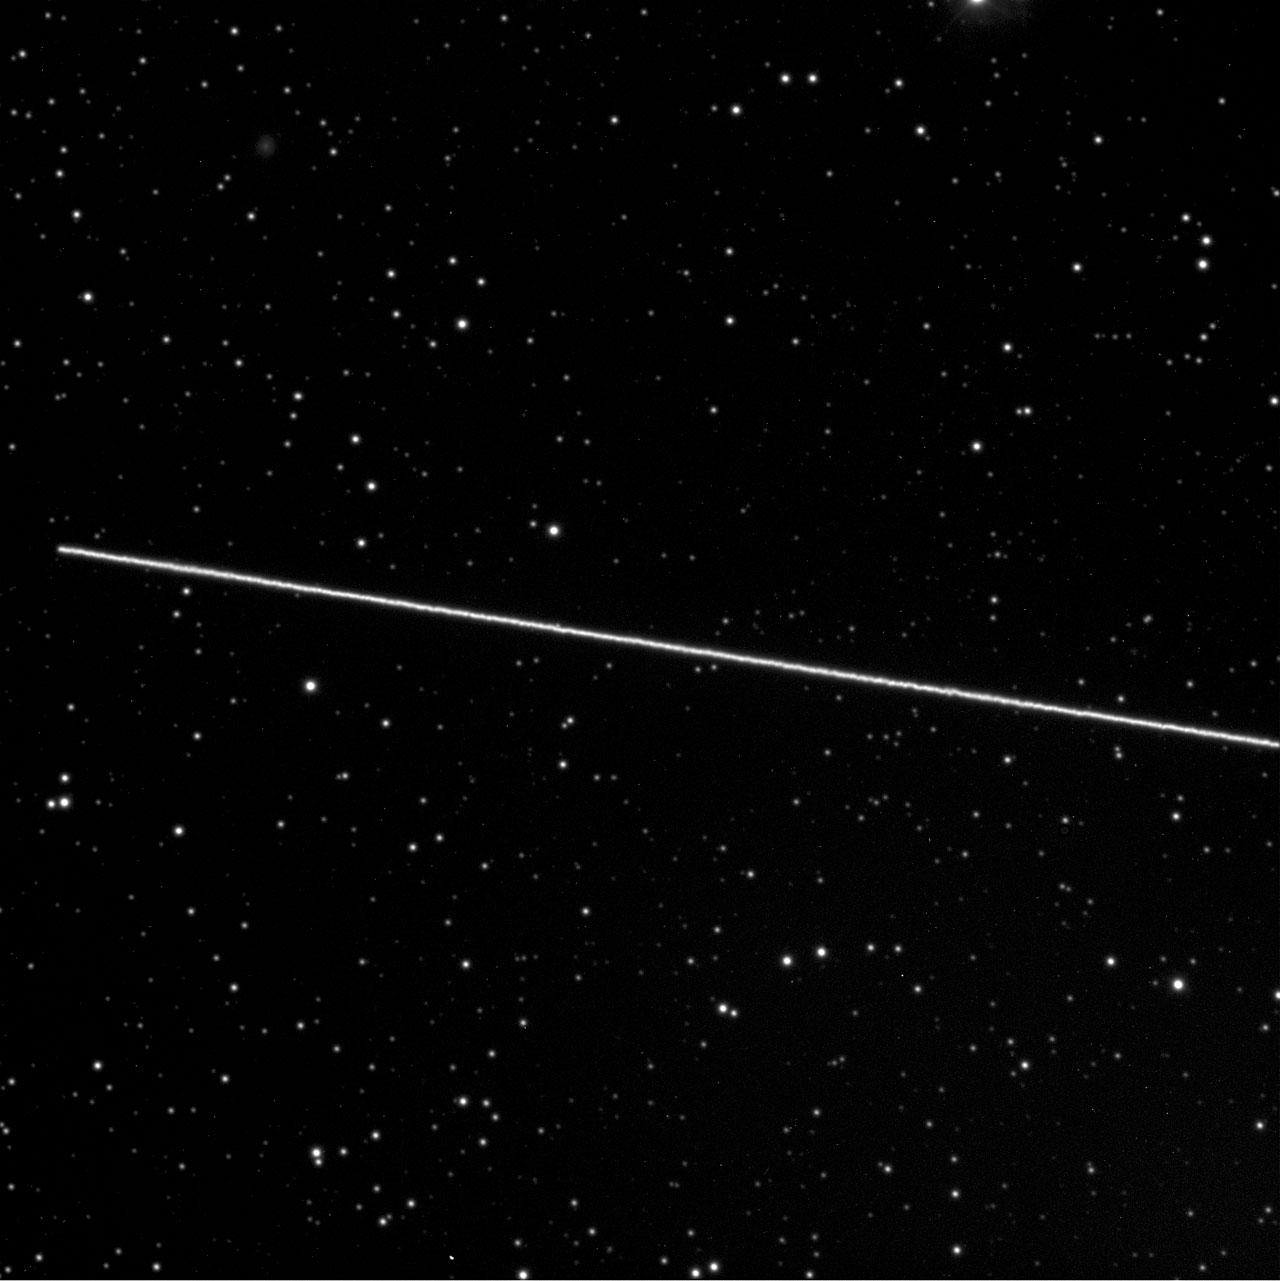 asteroid 4179 toutatis - photo #12